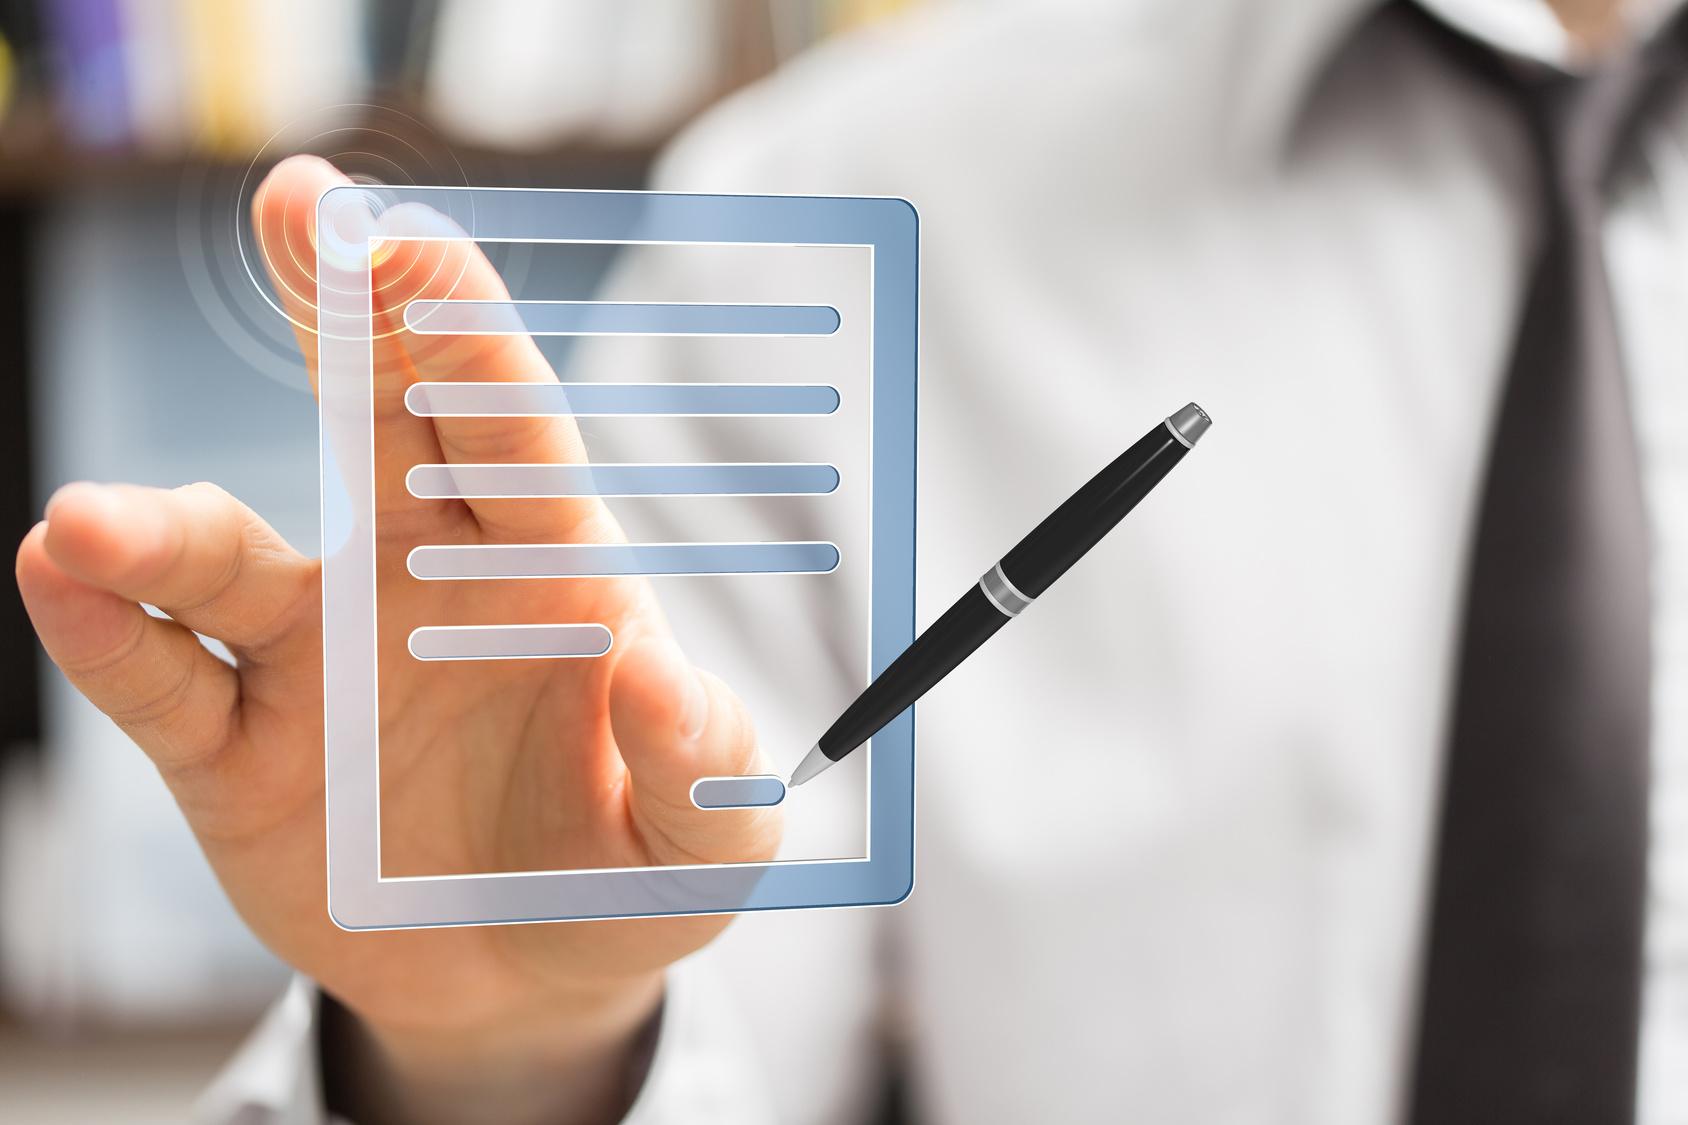 Monitoraggio sull'attuazione dello smart working nelle pubbliche amministrazioni